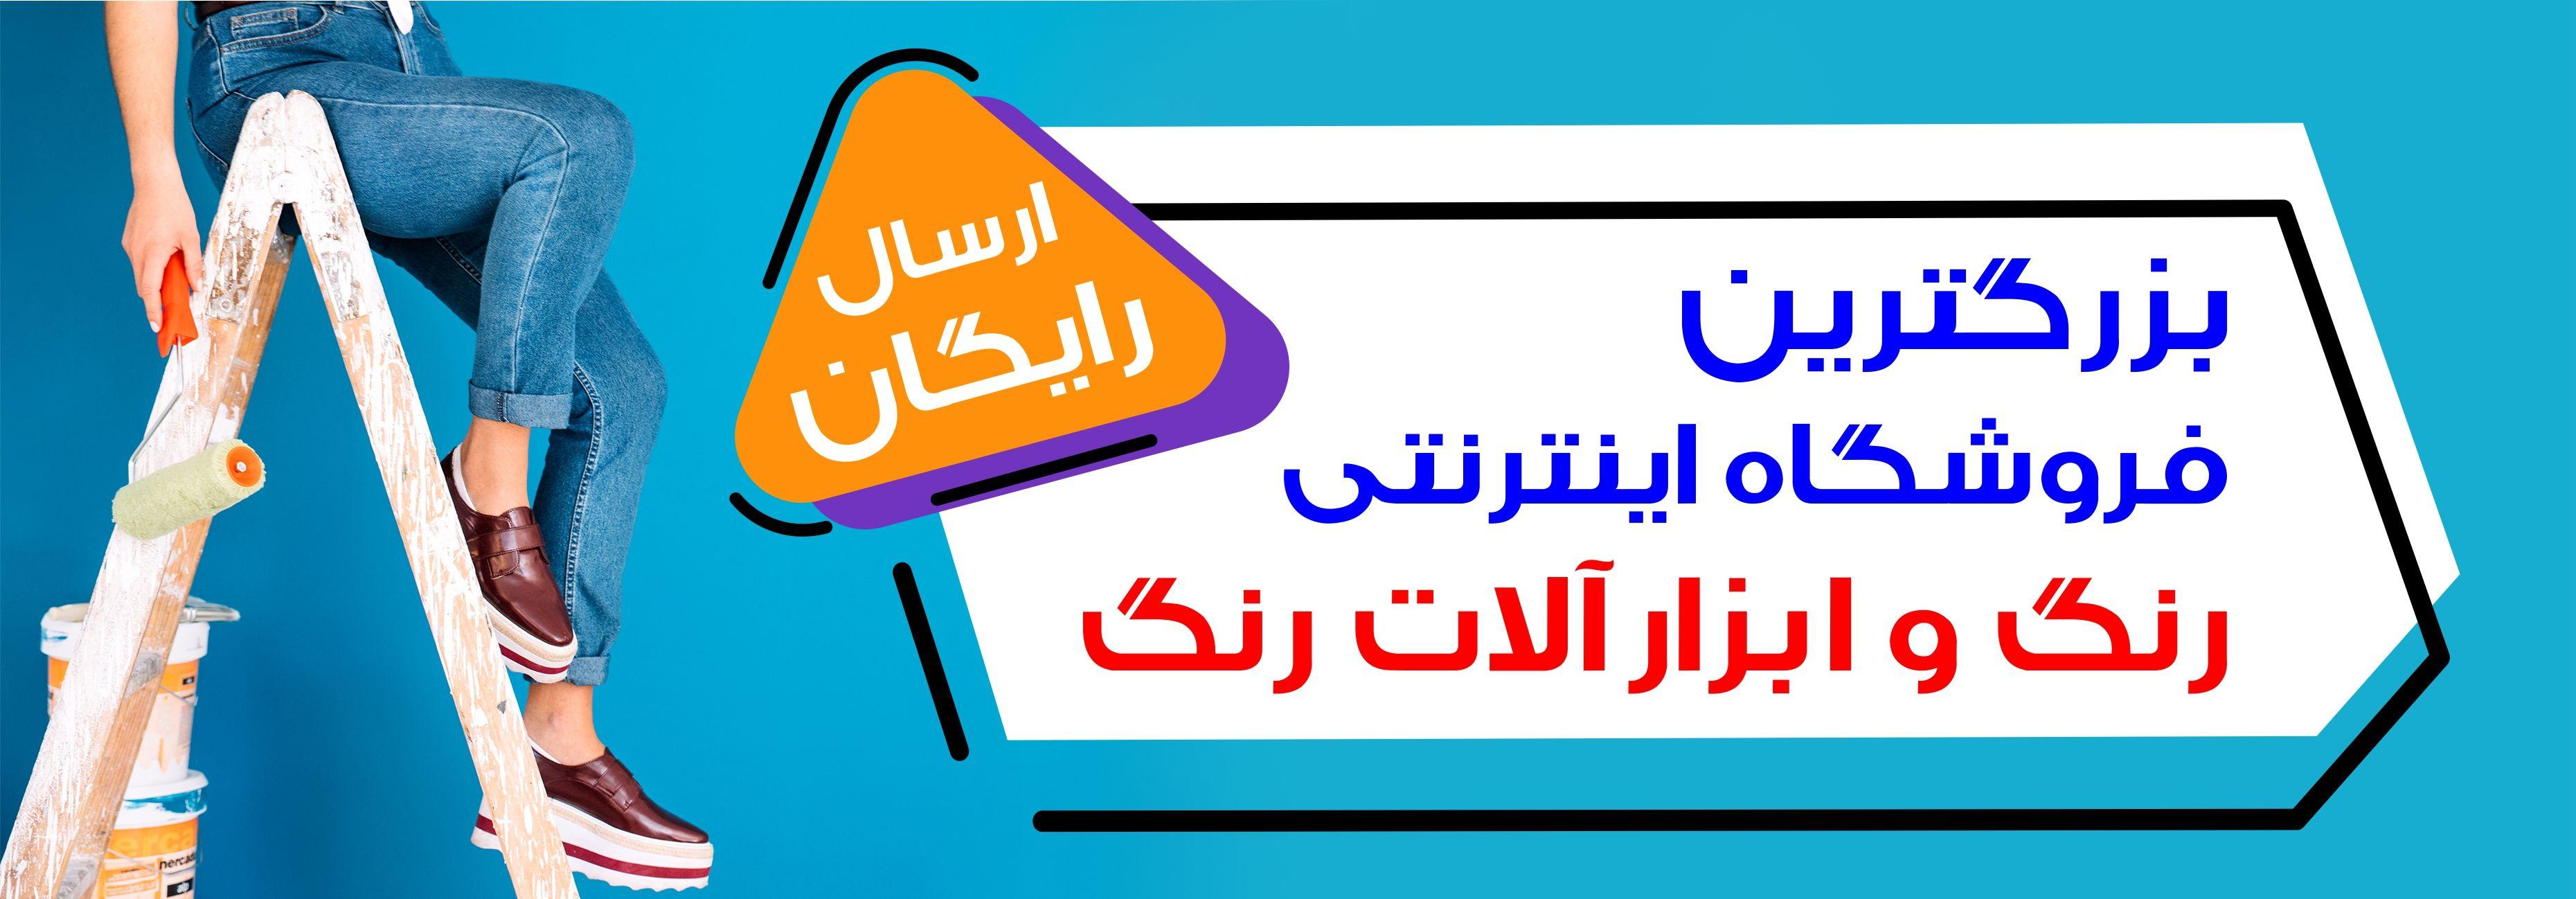 فروشگاه اینترنتی ایران رنگ